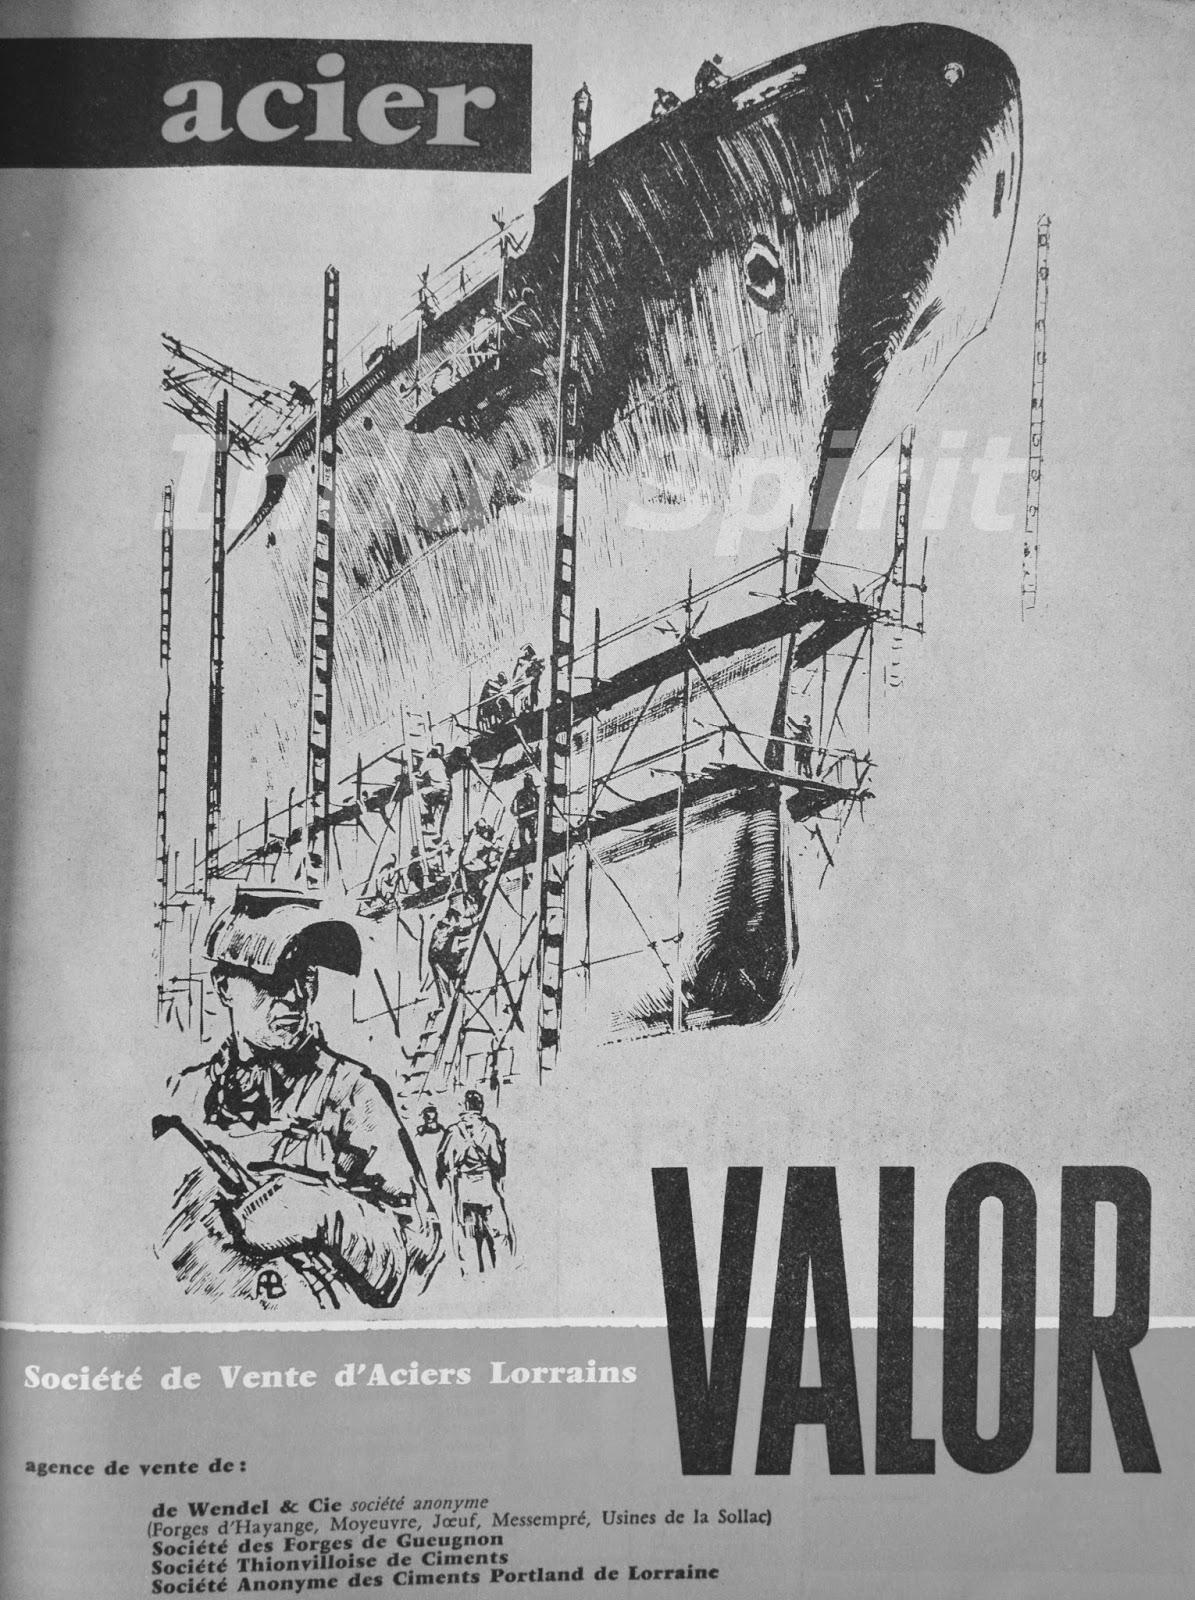 Acier Valor